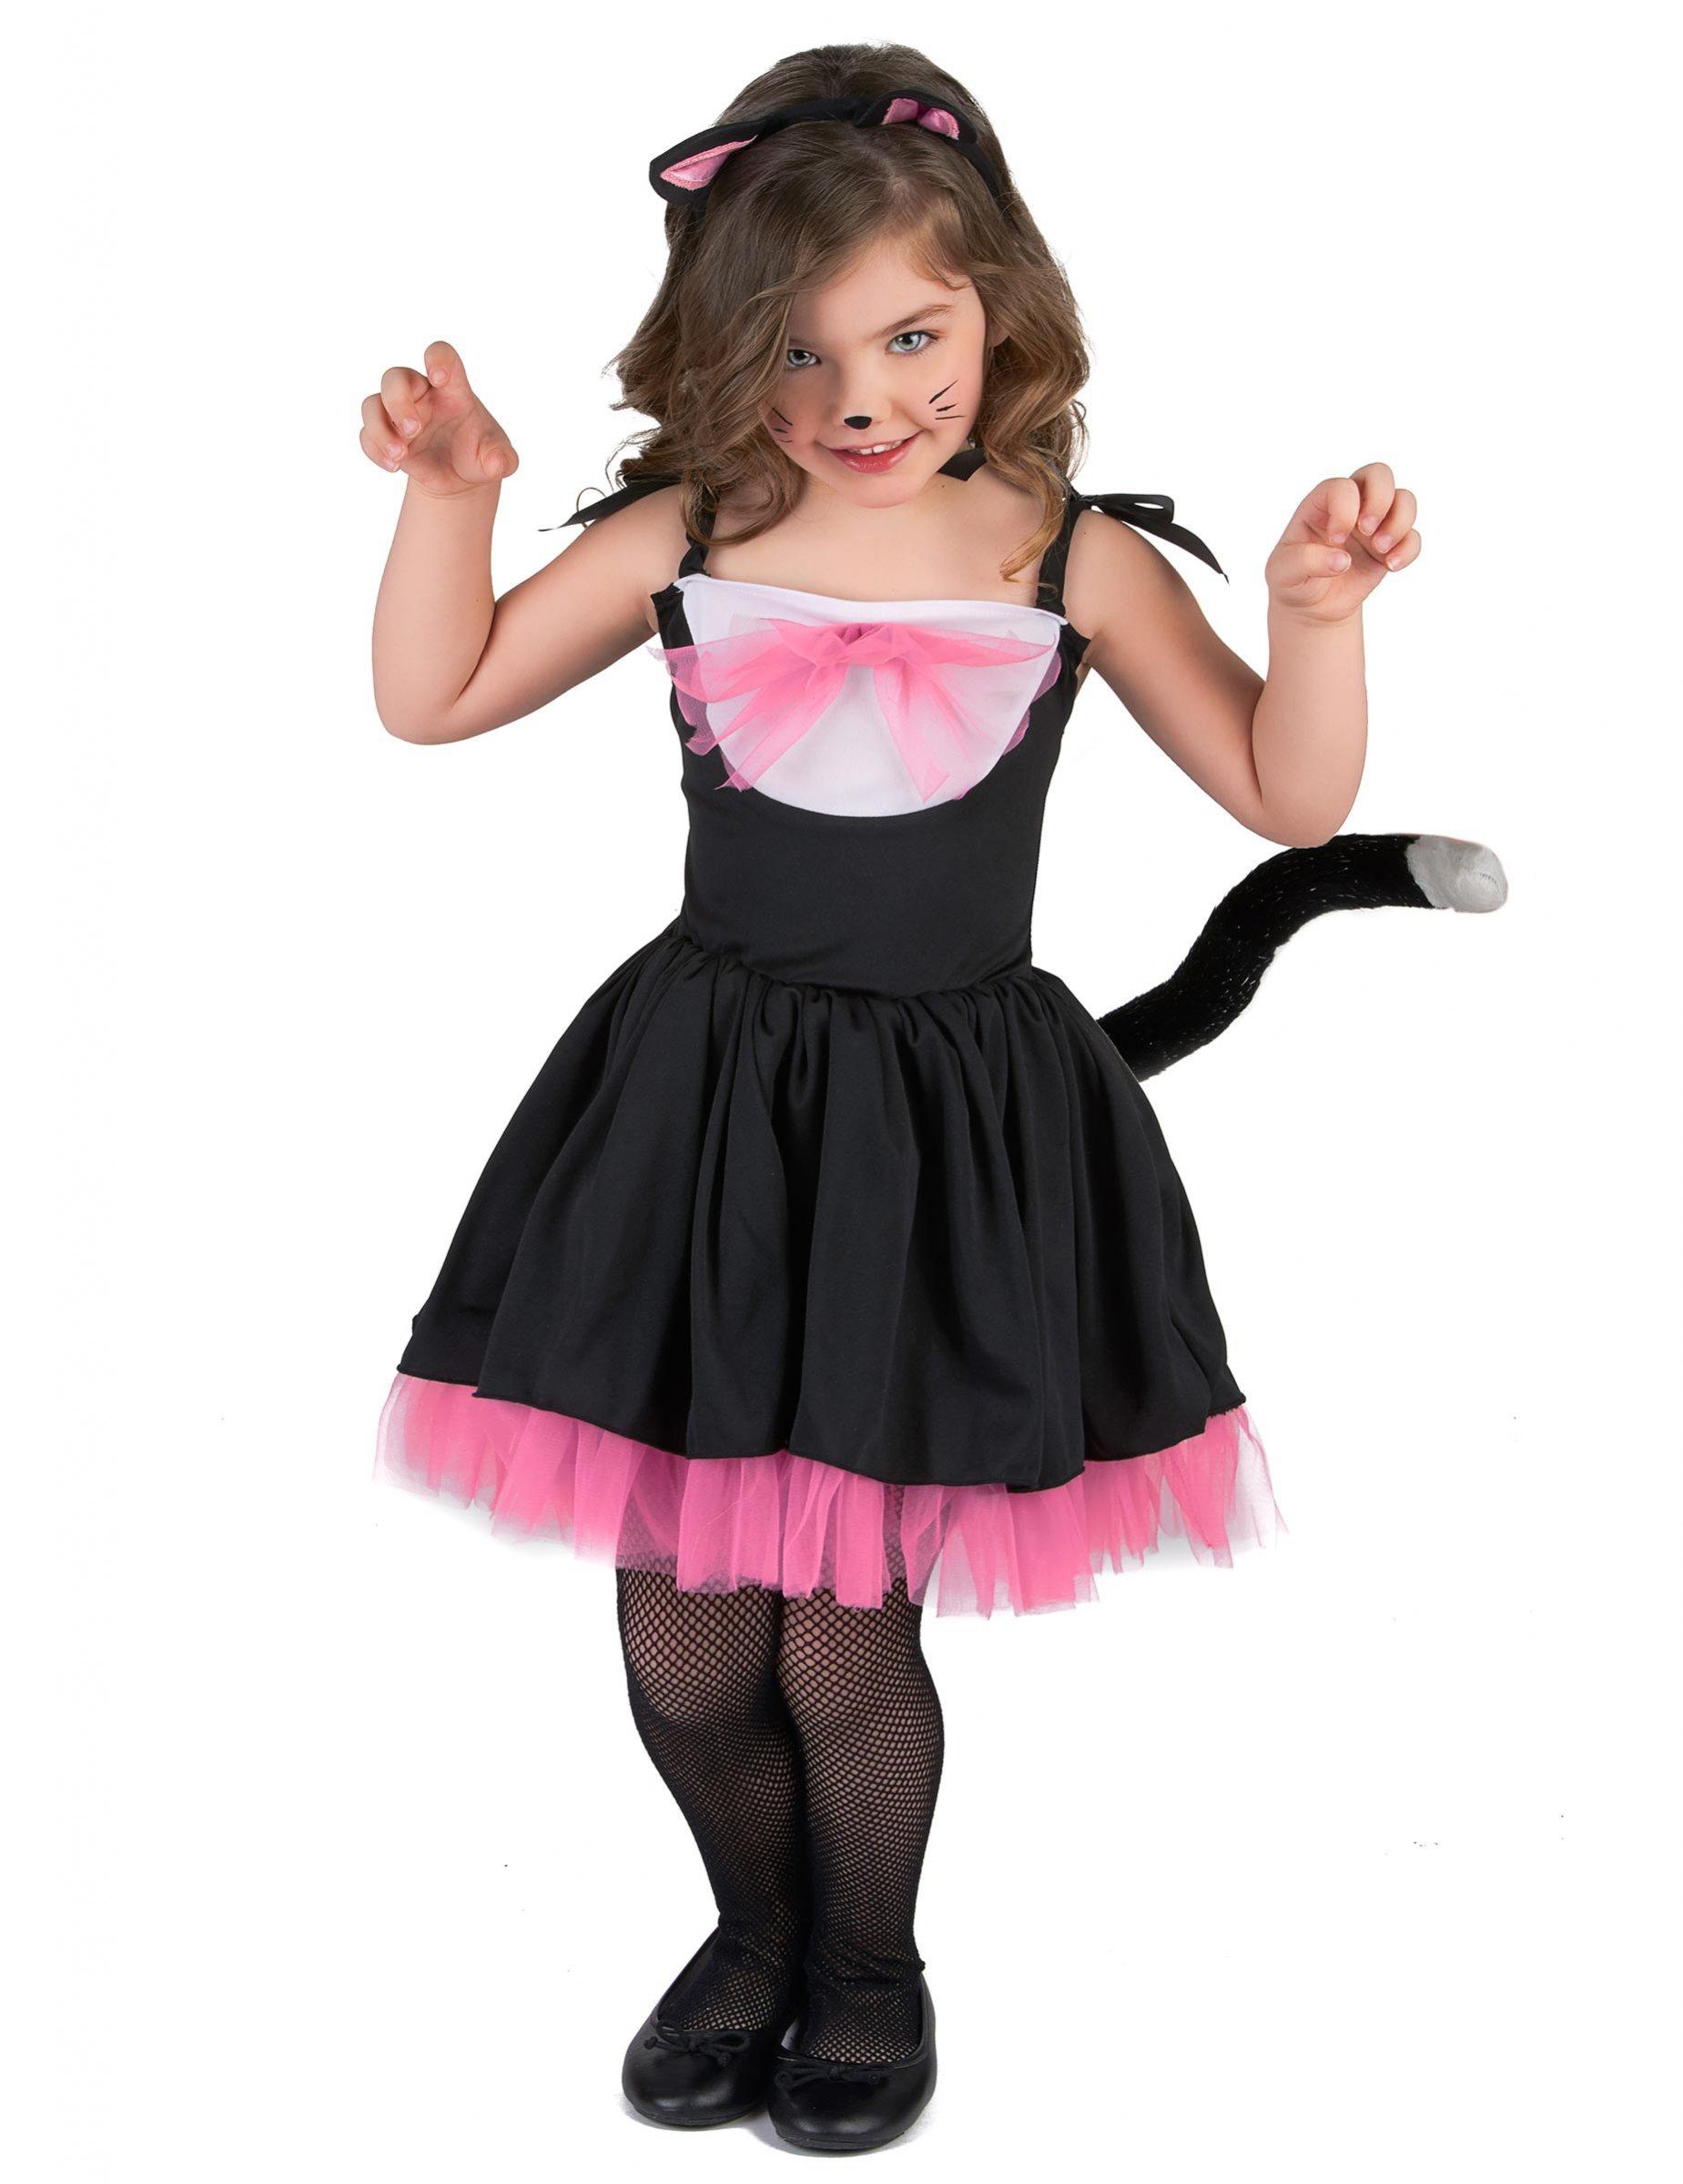 c5204934790 Kostume Kat Tutu Sort Lyserødt til piger, køb Kostumer til børn på ...